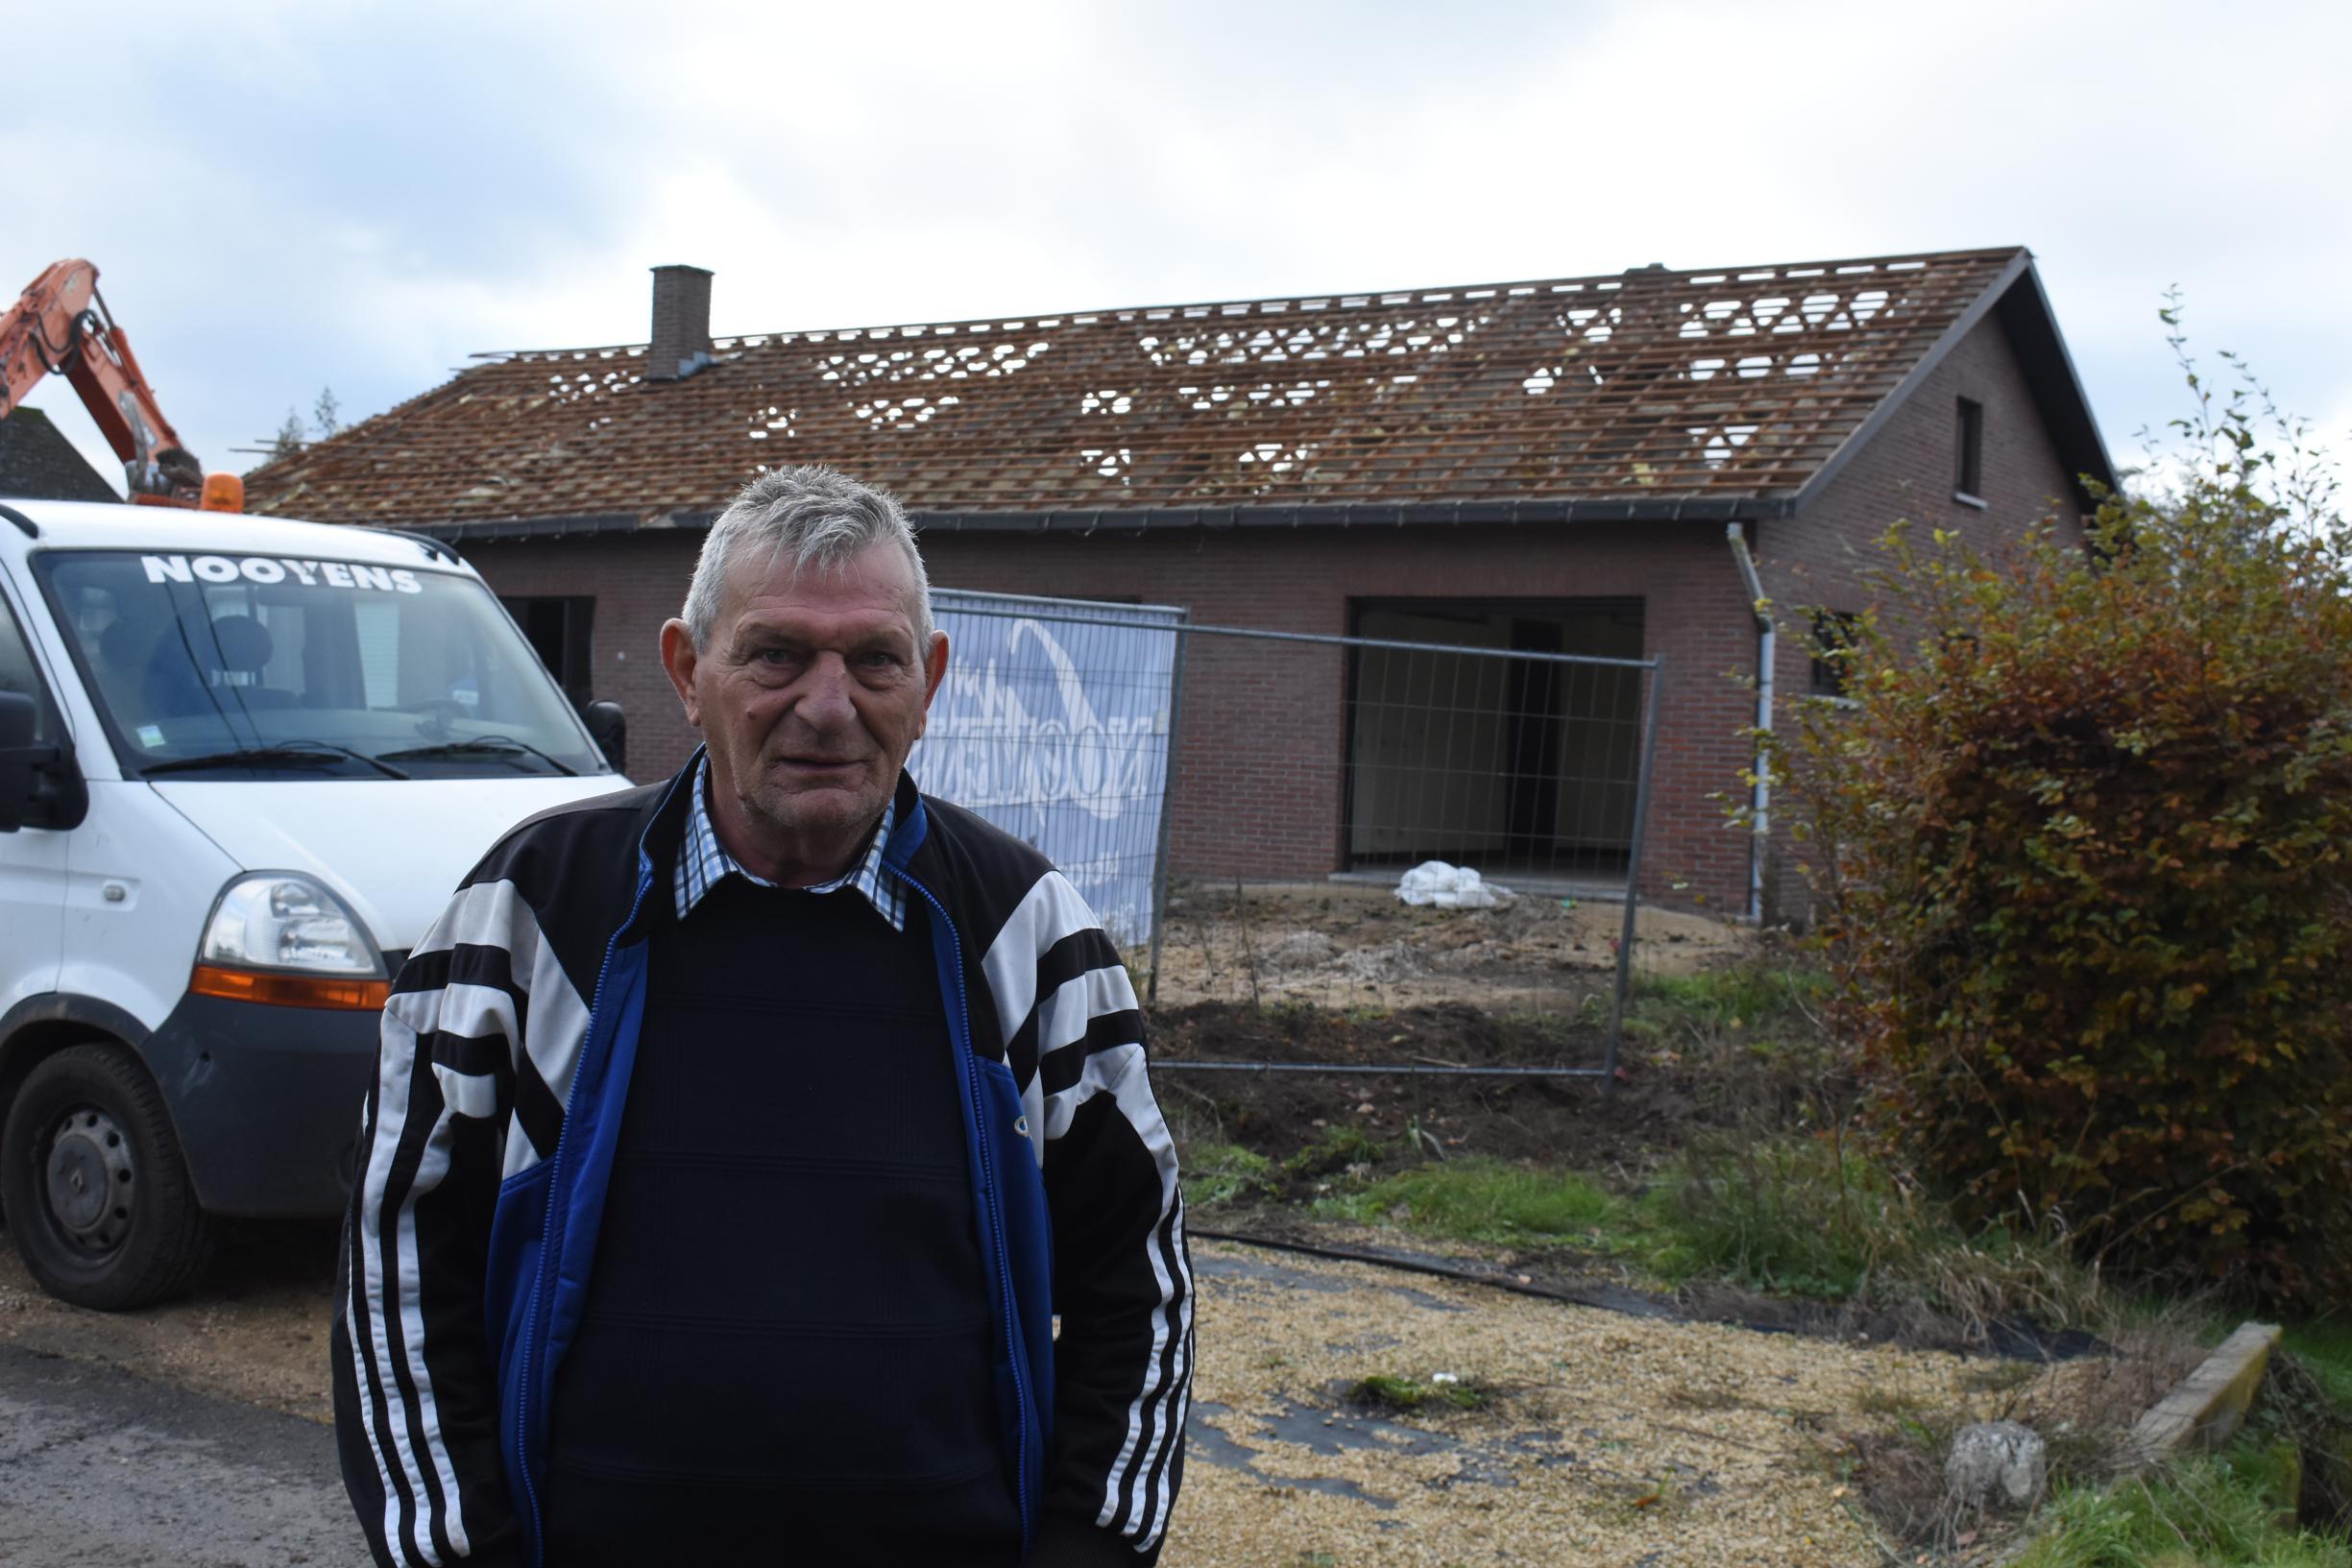 Provincie start met afbraak woning in overstromingsgebied (Balen) - Het Nieuwsblad